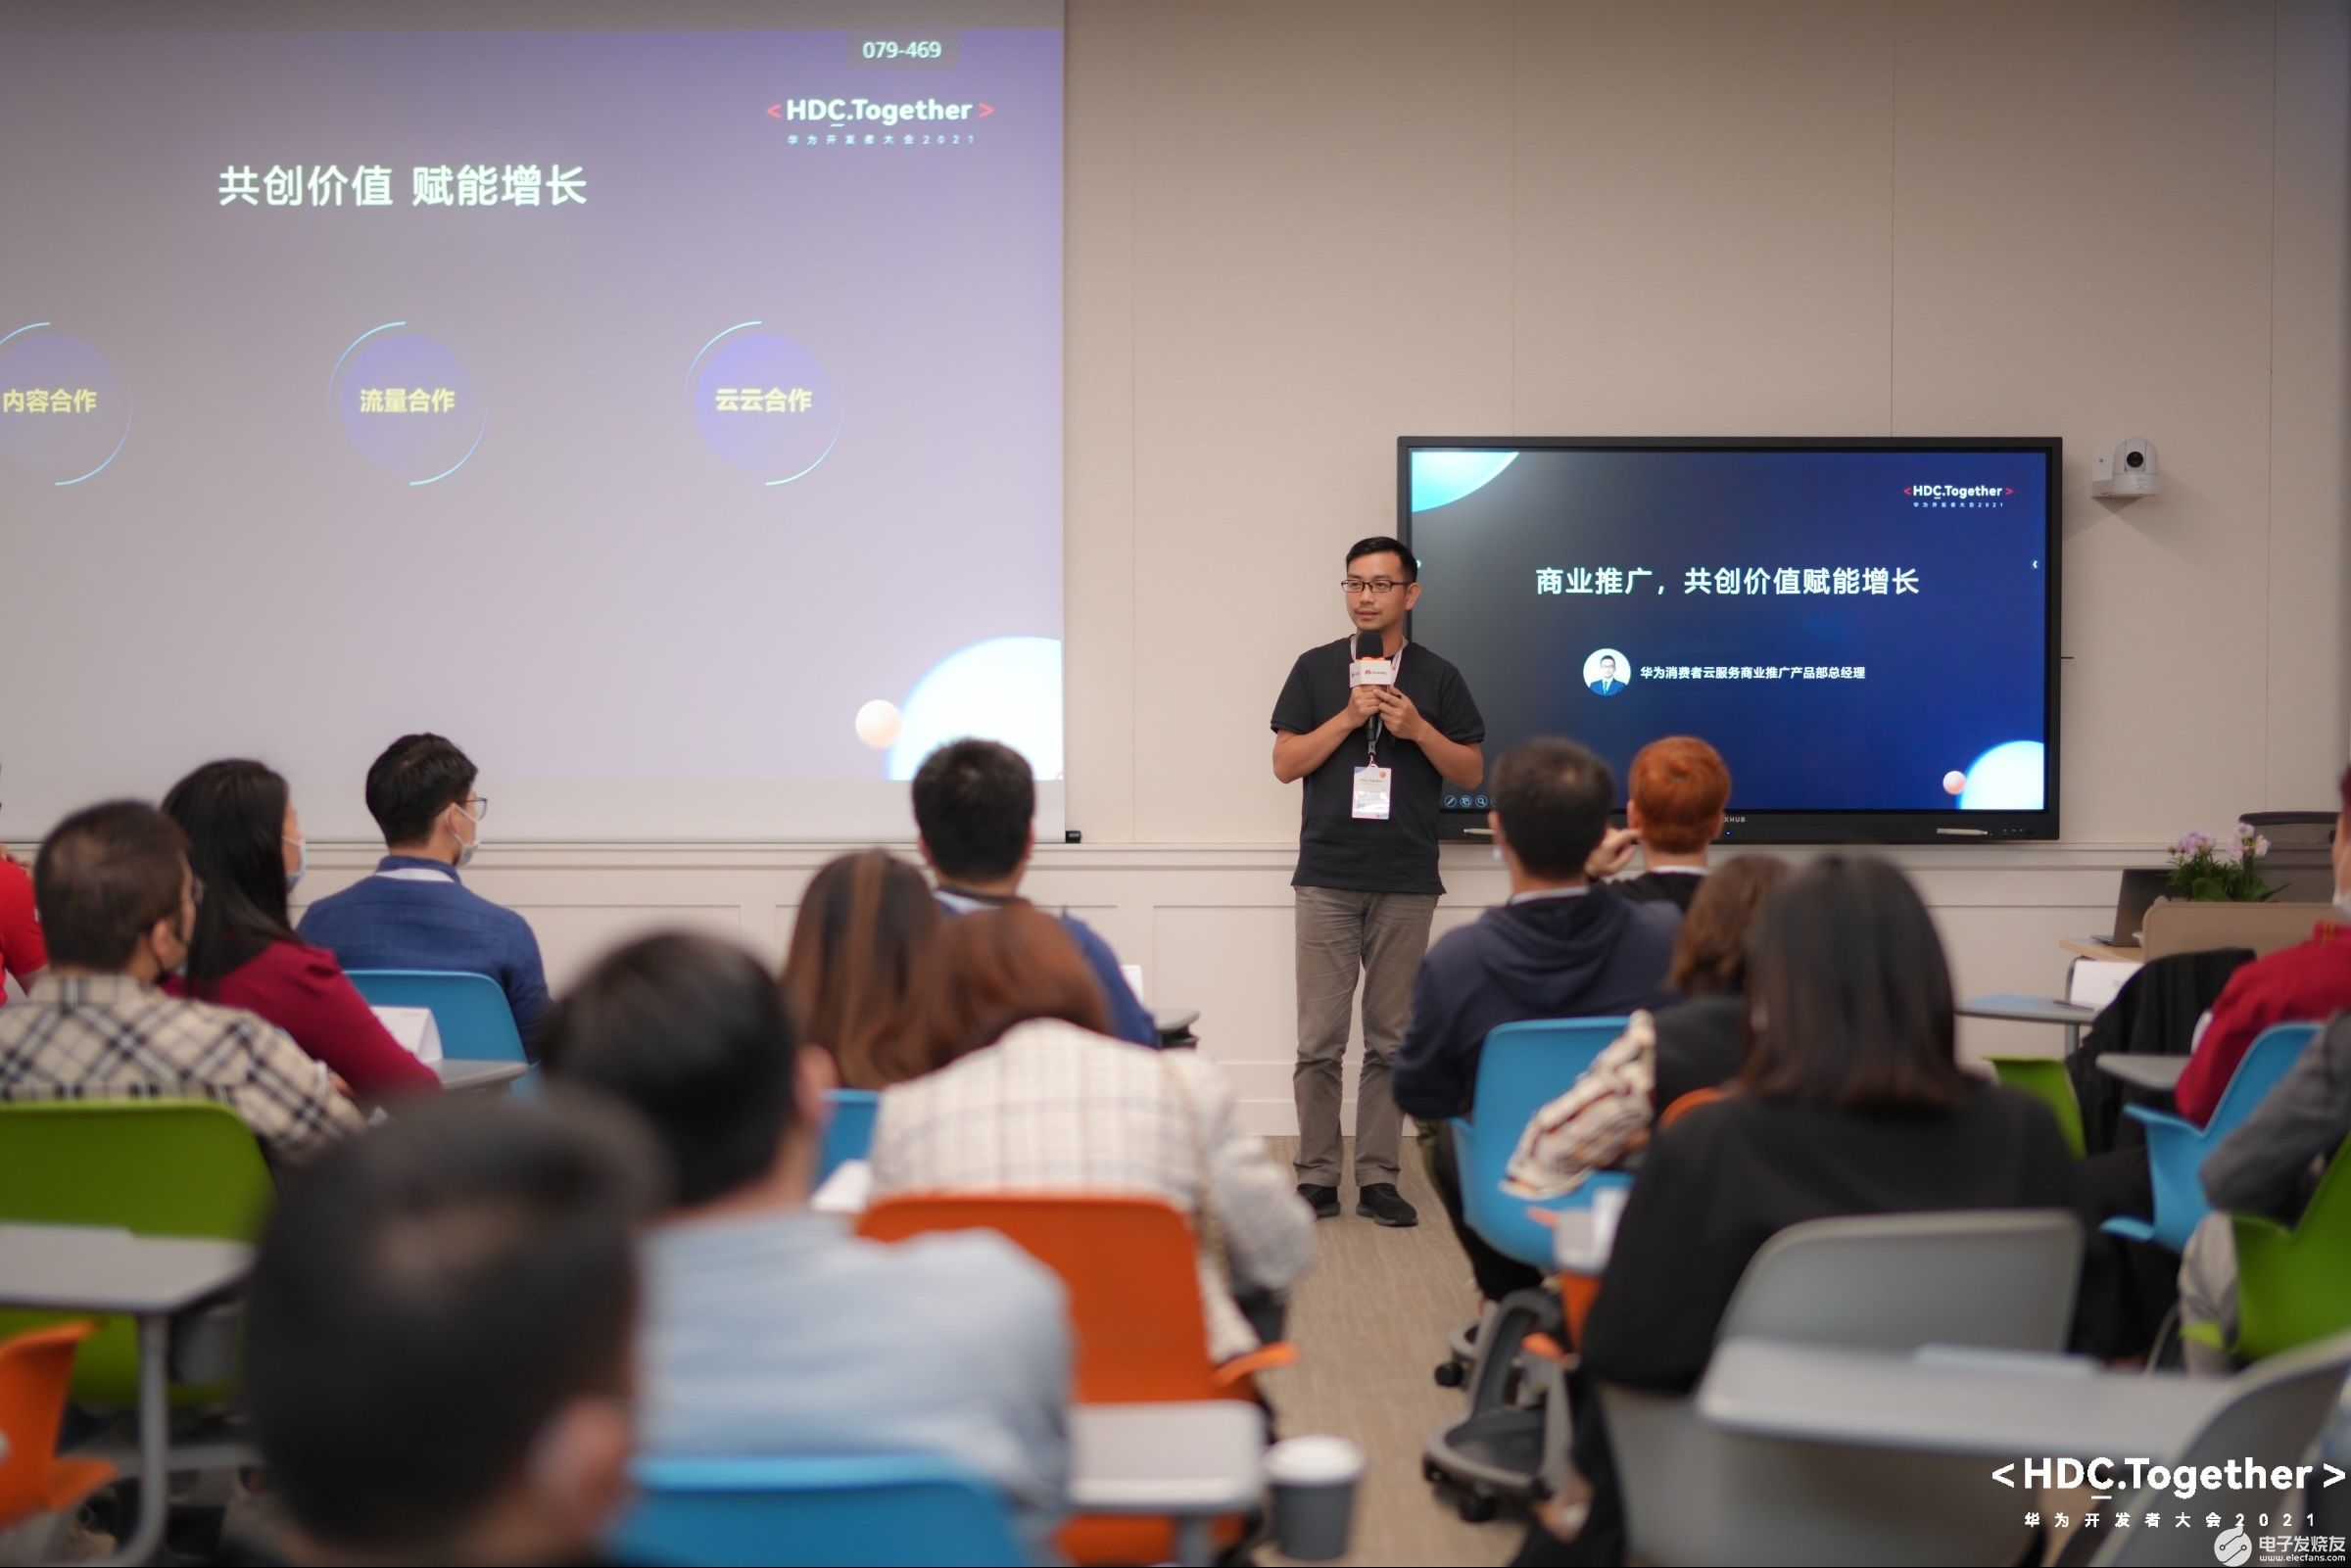 全面升级推广服务,华为应用市场商业推广携开发者共创增长新价值